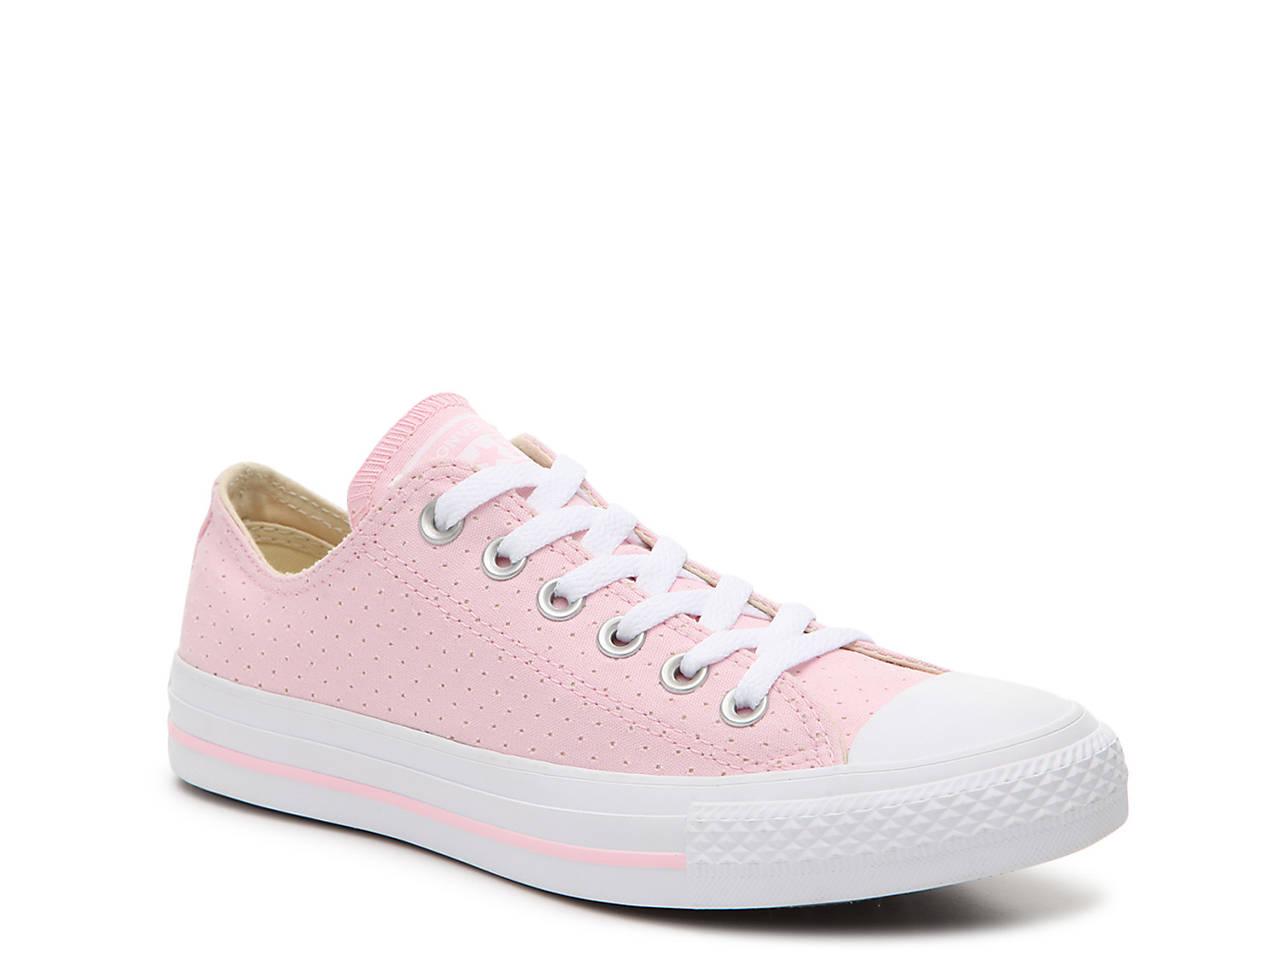 fc19cca09f84 Converse Chuck Taylor All Star Glacier Sneaker - Women's Women's ...